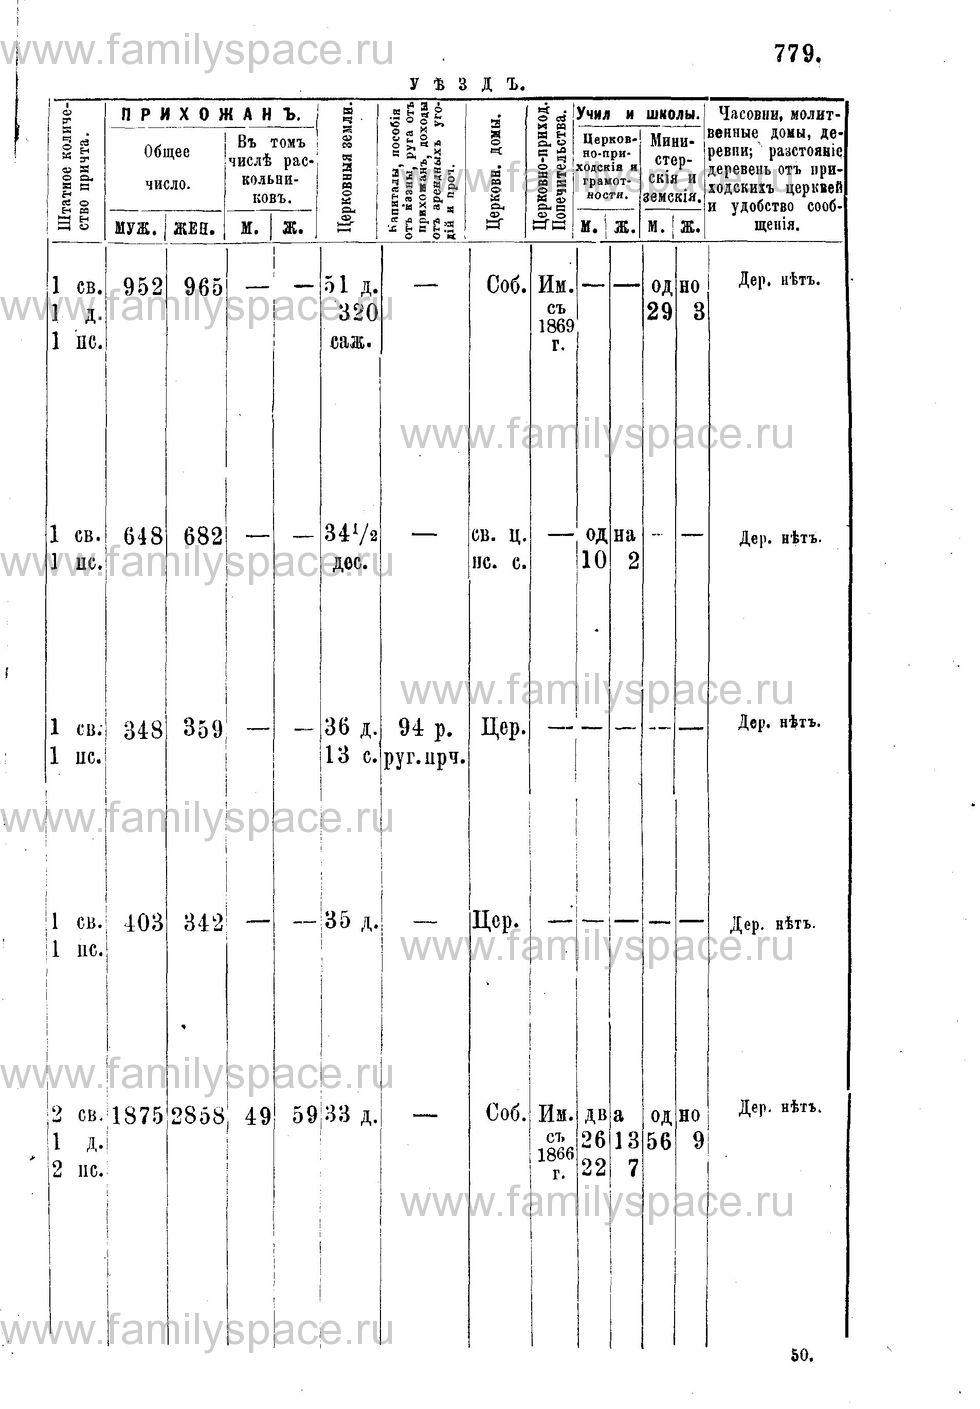 Поиск по фамилии - Адрес-календарь Нижегородской епархии на 1888 год, страница 1779